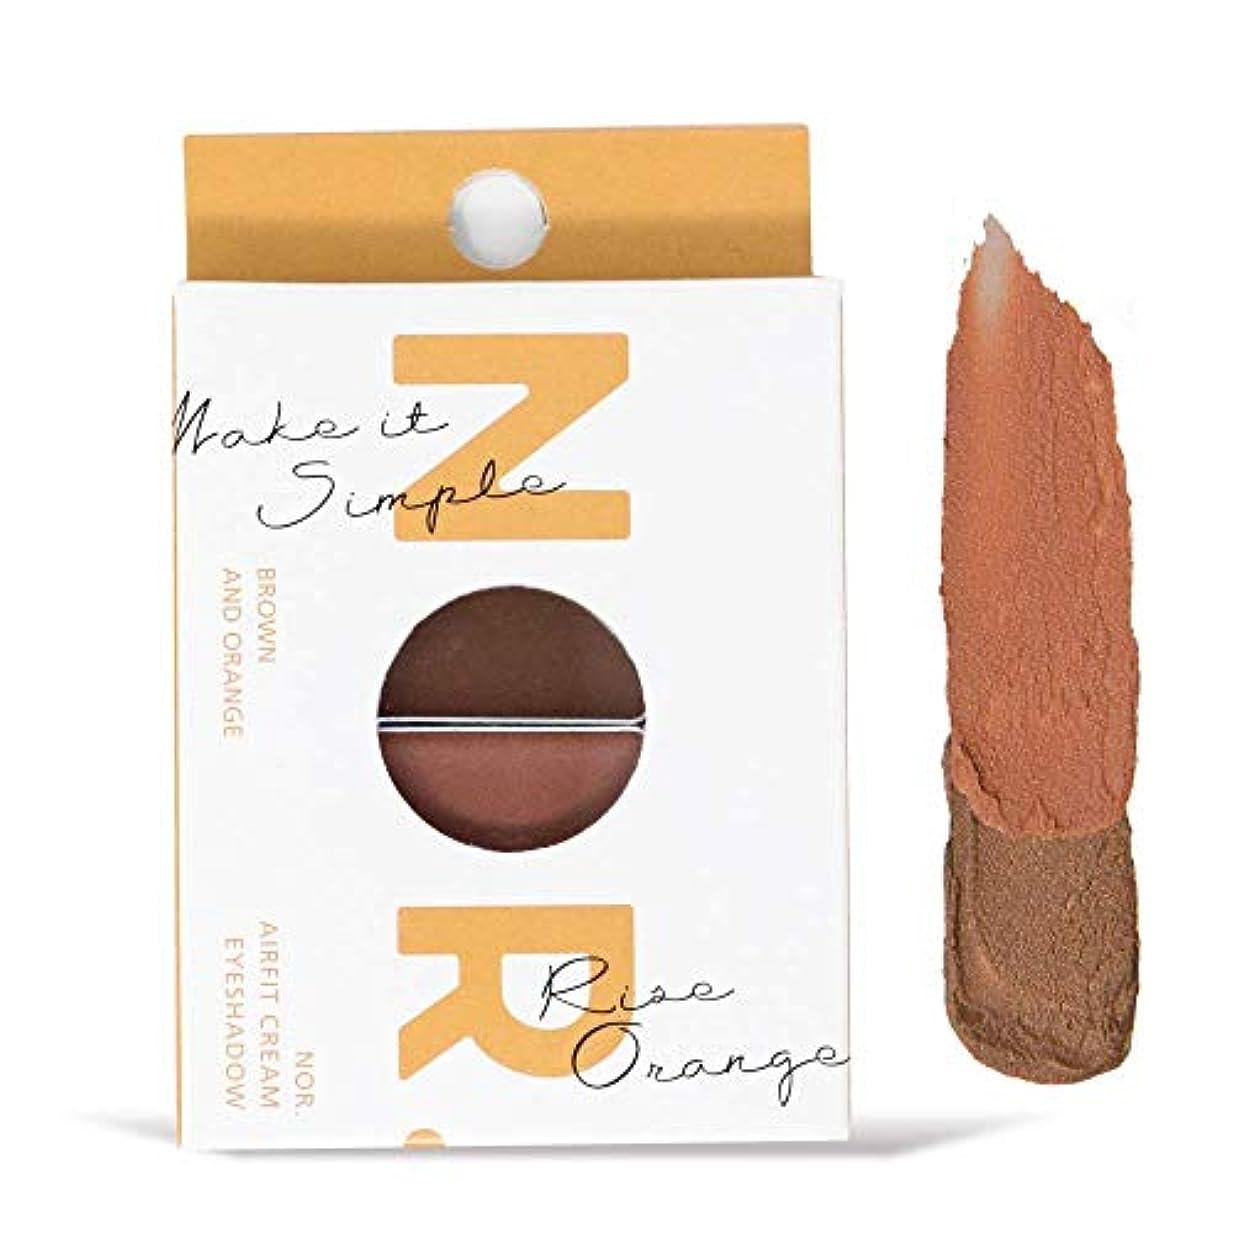 活性化成功する無傷NOR.(ノール) AIRFITCREAMEYESHADOW(エアフィットクリームアイシャドウ)クリームアイシャドウ初の2色パレットで、頑張らないのに、いつも以上の目元へ。 RISE ORANGE(ライズオレンジ)